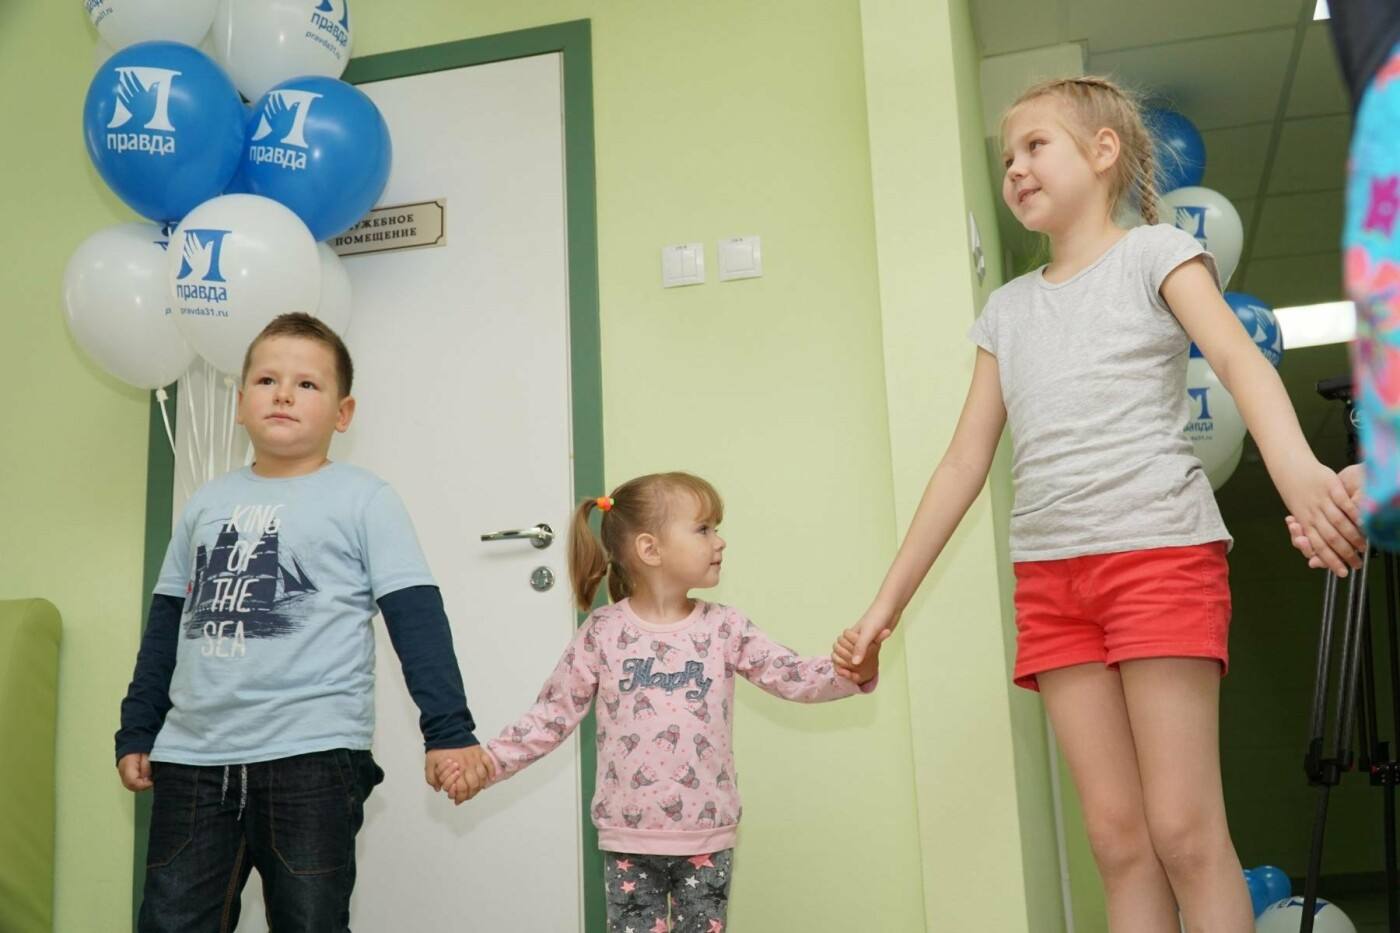 Профсоюз «Правда» подарил новый зал лечебной физкультуры пациентам детской областной клинической больницы, фото-5